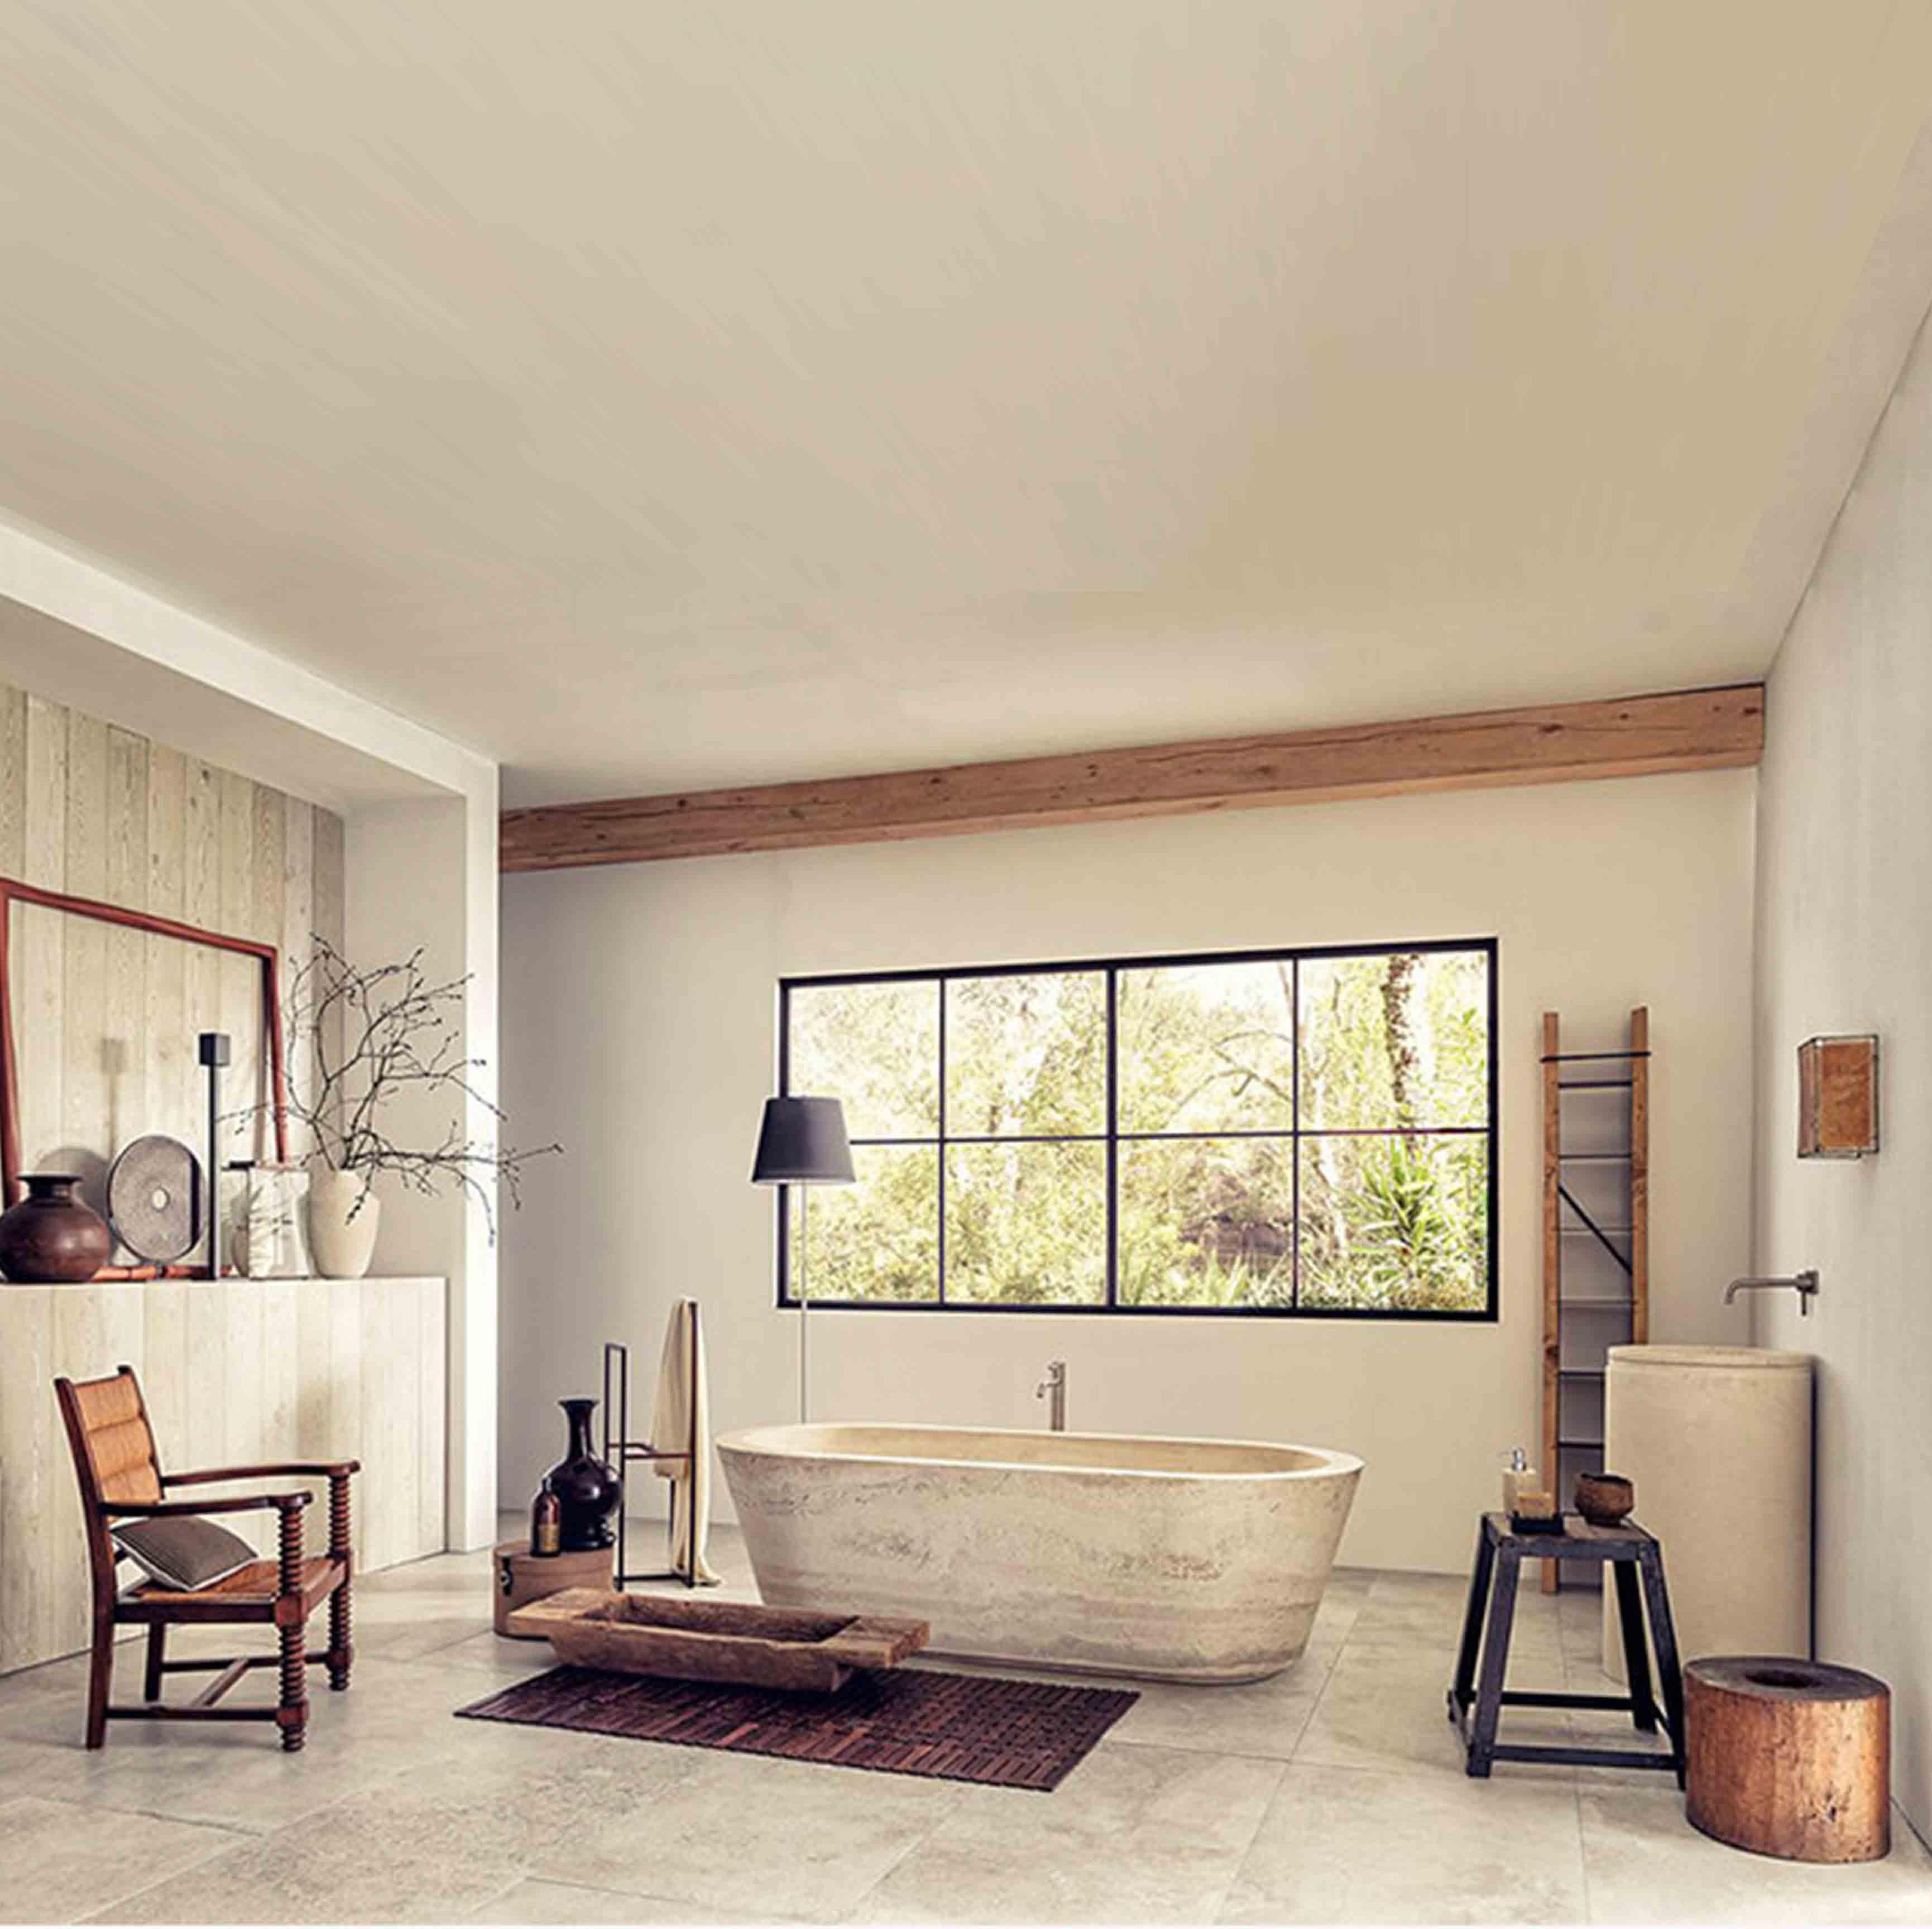 Nét hoài cổ giản dị với phong cách vintage trong thiết kế căn hộ chung cư